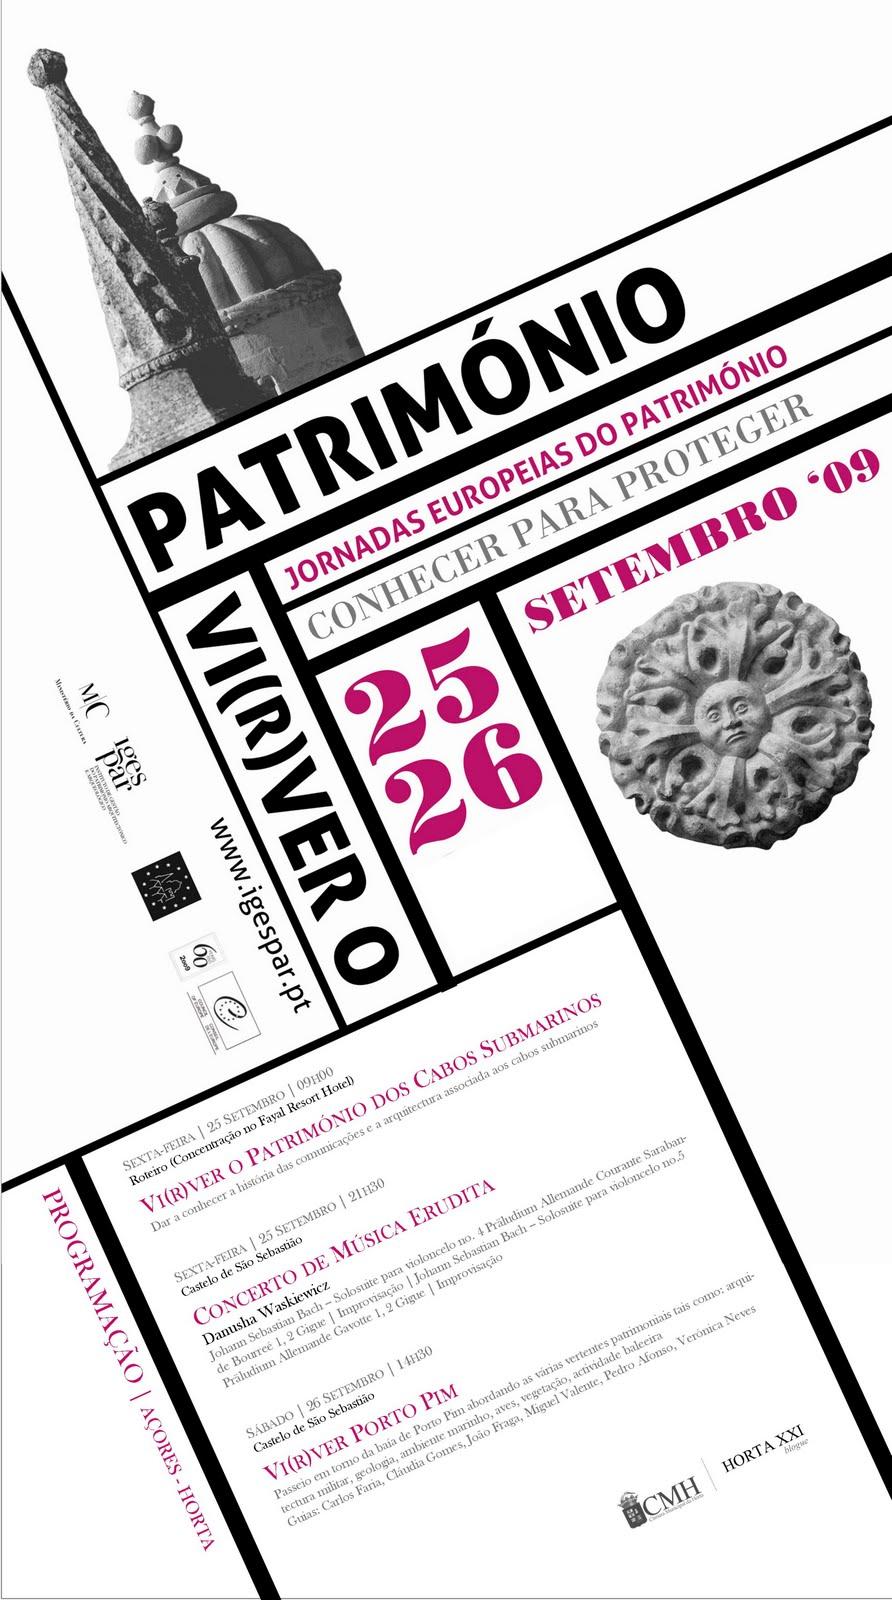 [Cartaz_Patrimonio_09]